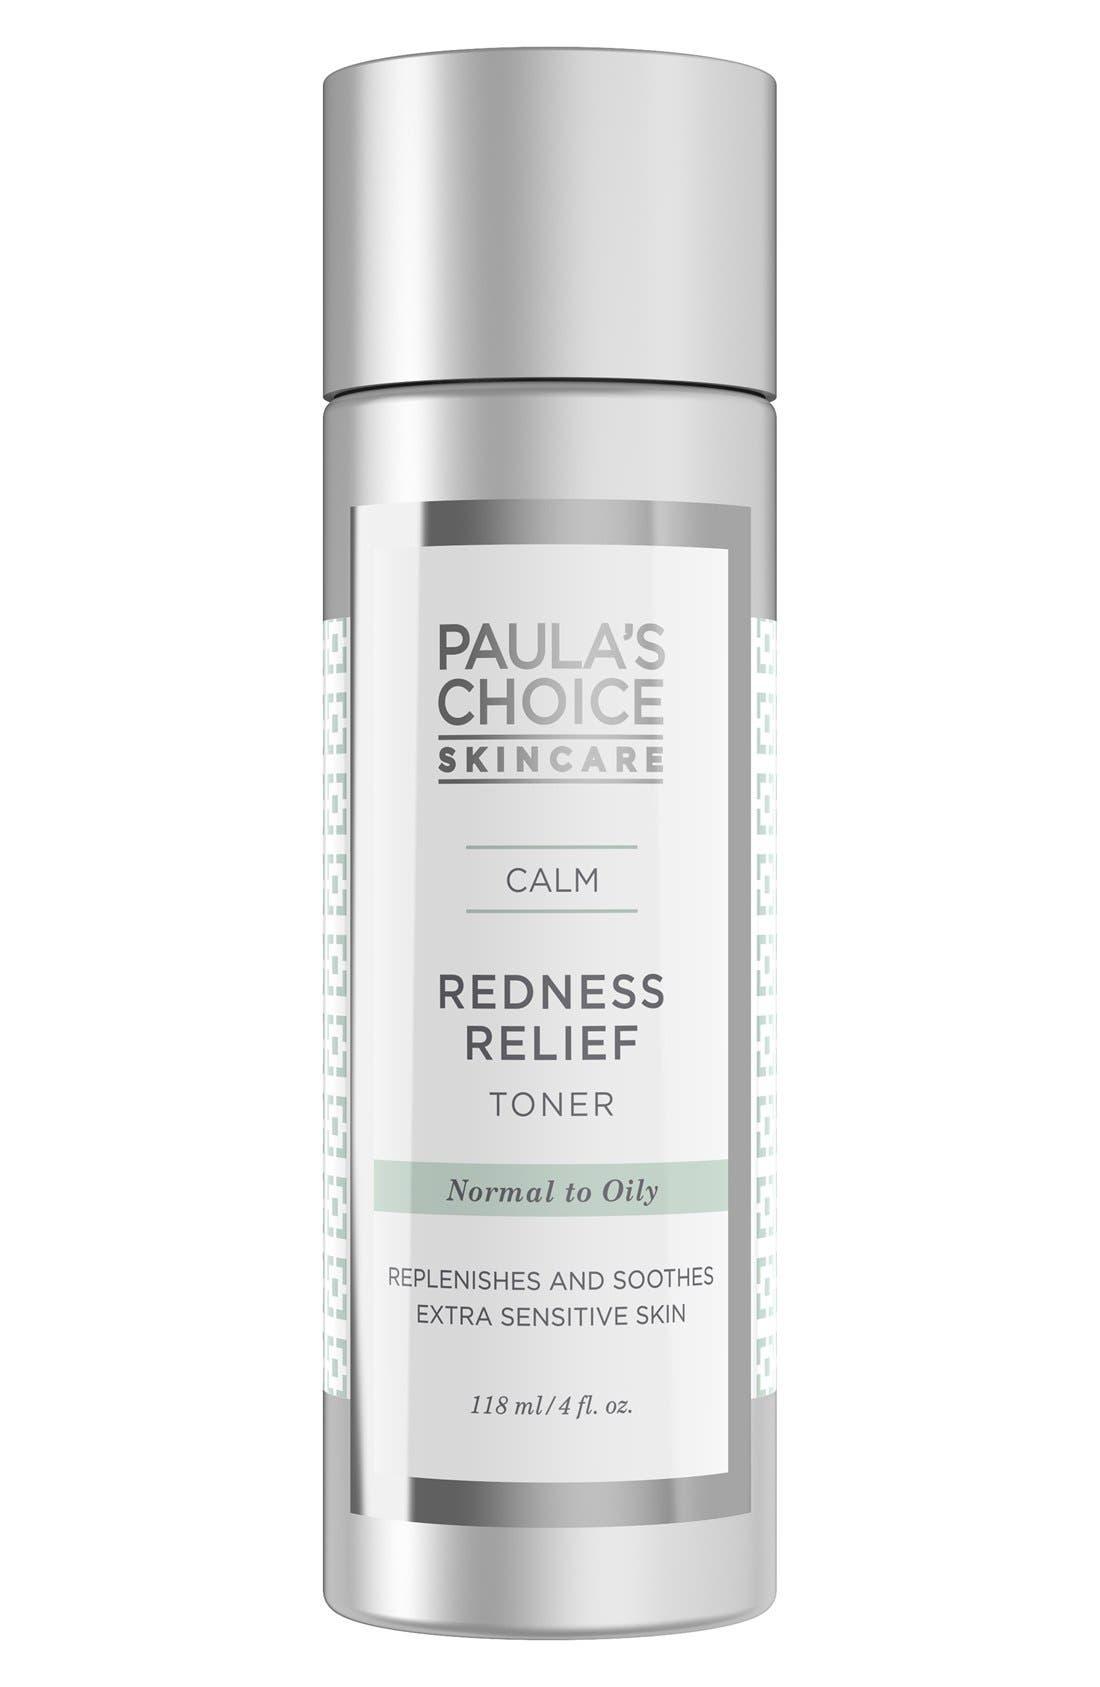 Paula's Choice Calm Redness Relief Toner